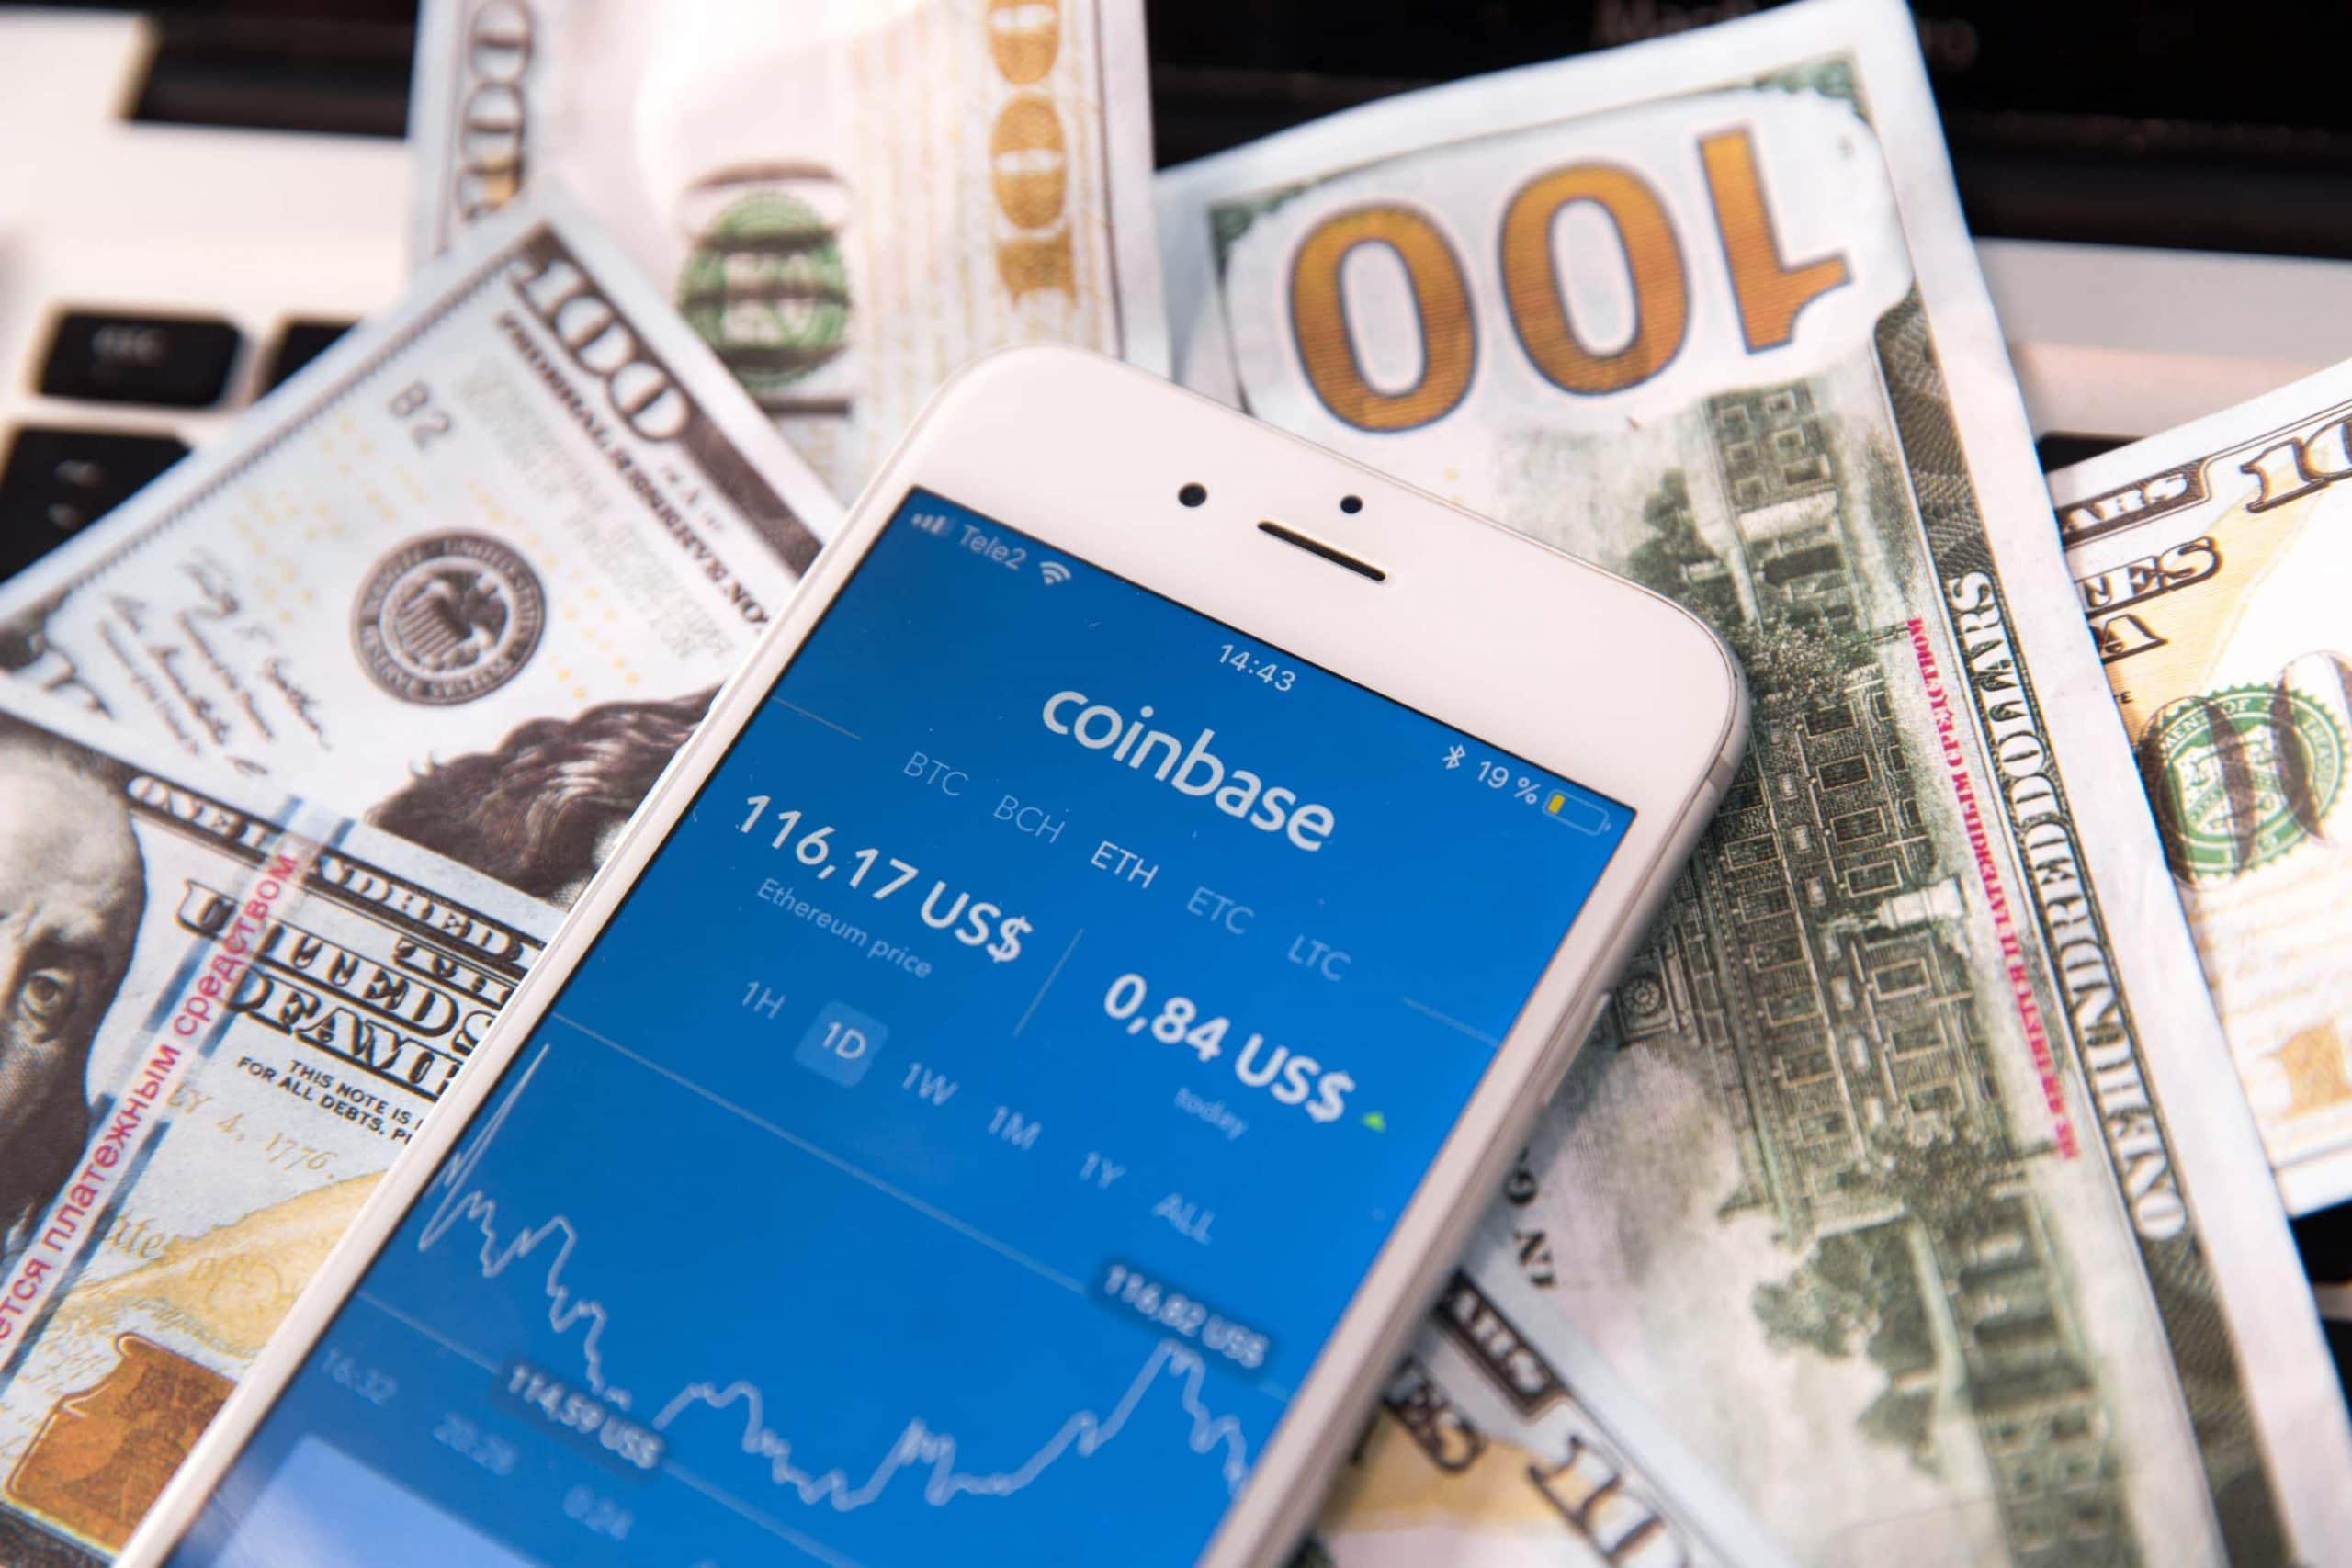 Ein Smartphone-Bildschirm mit geöffneter Coinbase-App liegt auf mehreren Geld-Noten